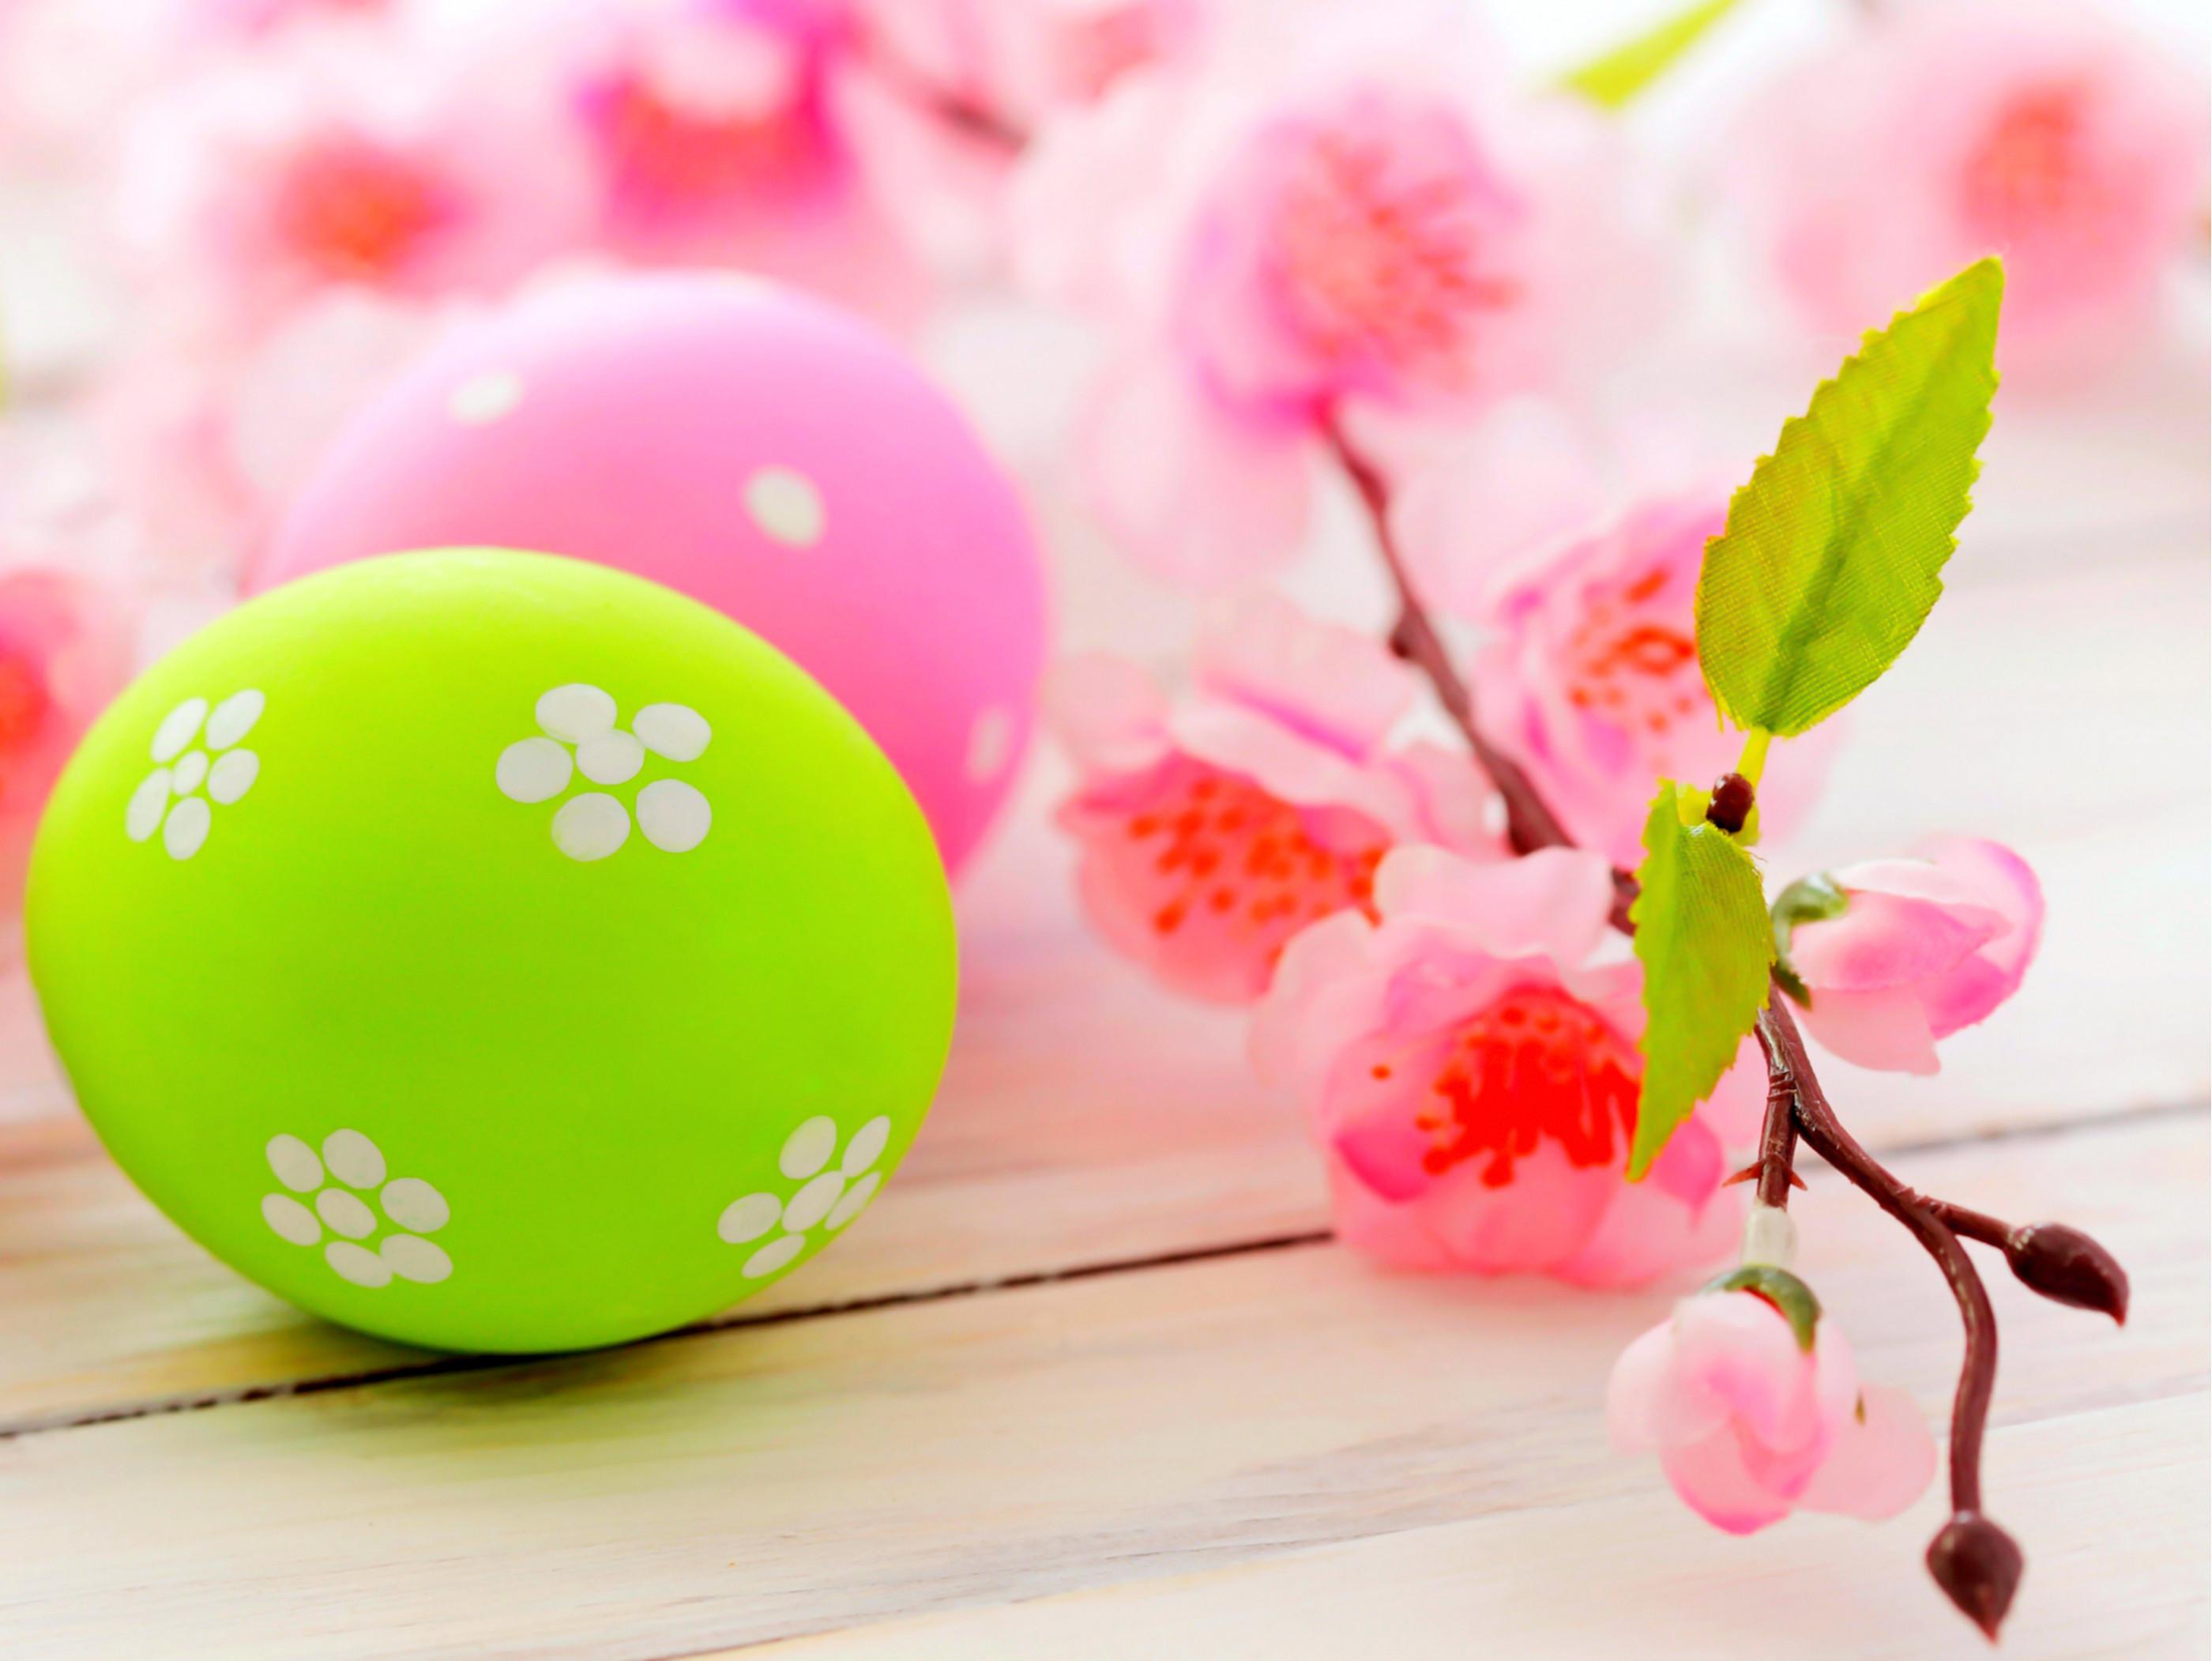 Easter Tulips Wide Desktop Background wallpaper free | Adorable Wallpaper &  Elegant Backgrounds | Pinterest | Easter, Desktop backgrounds and Wallpaper